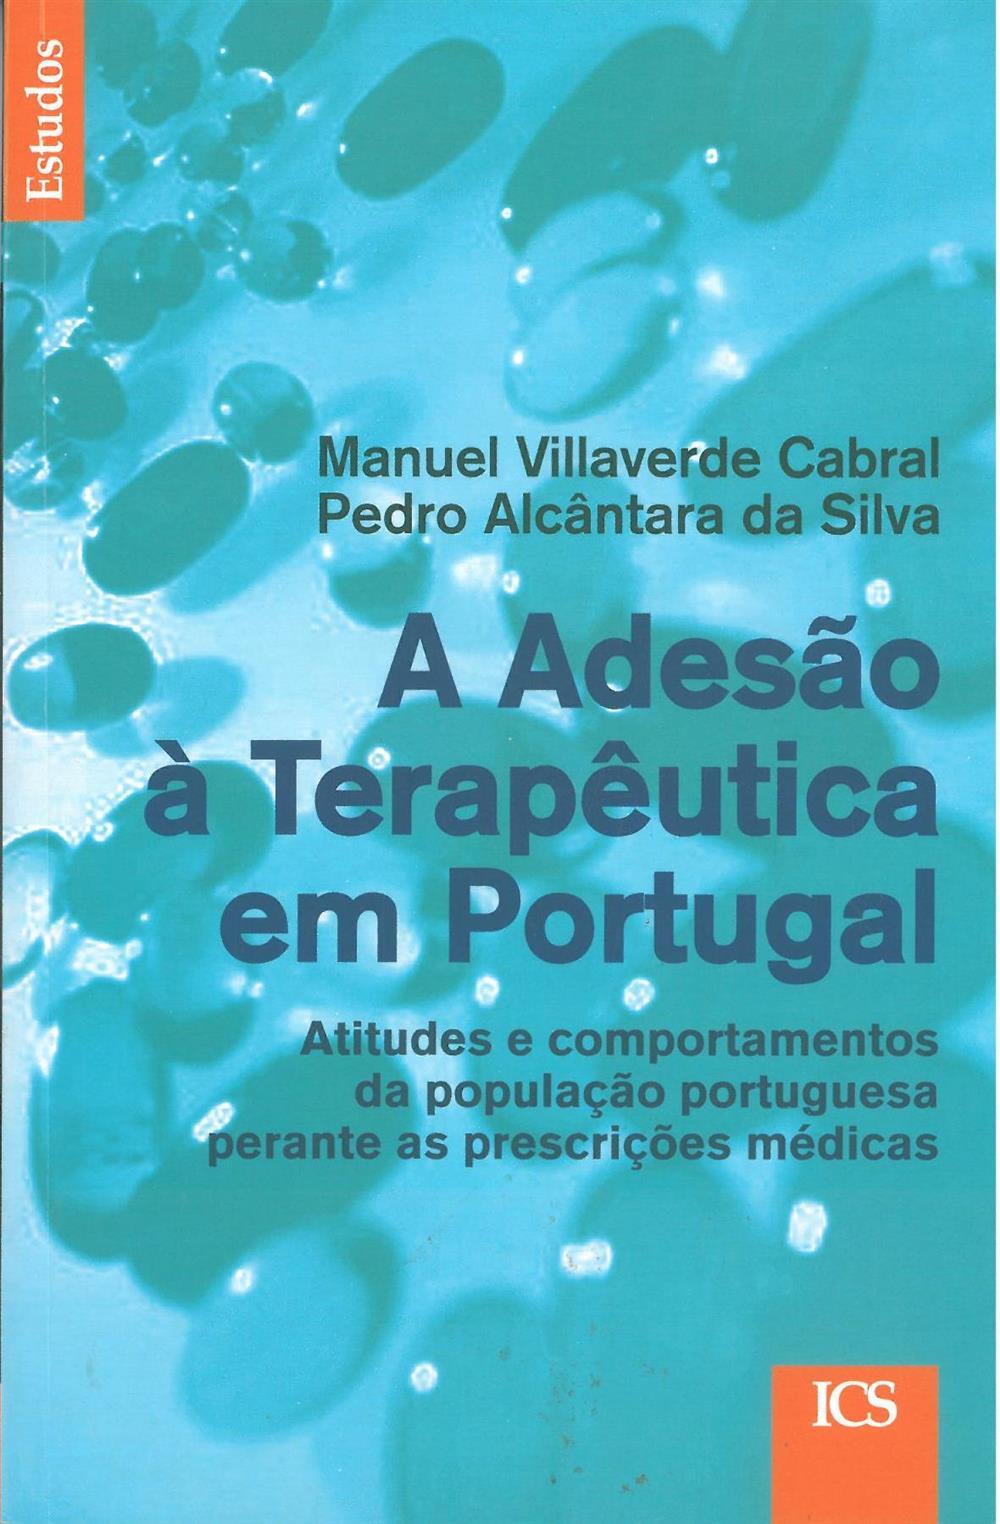 A adesão à terapêutica em Portugal.jpg